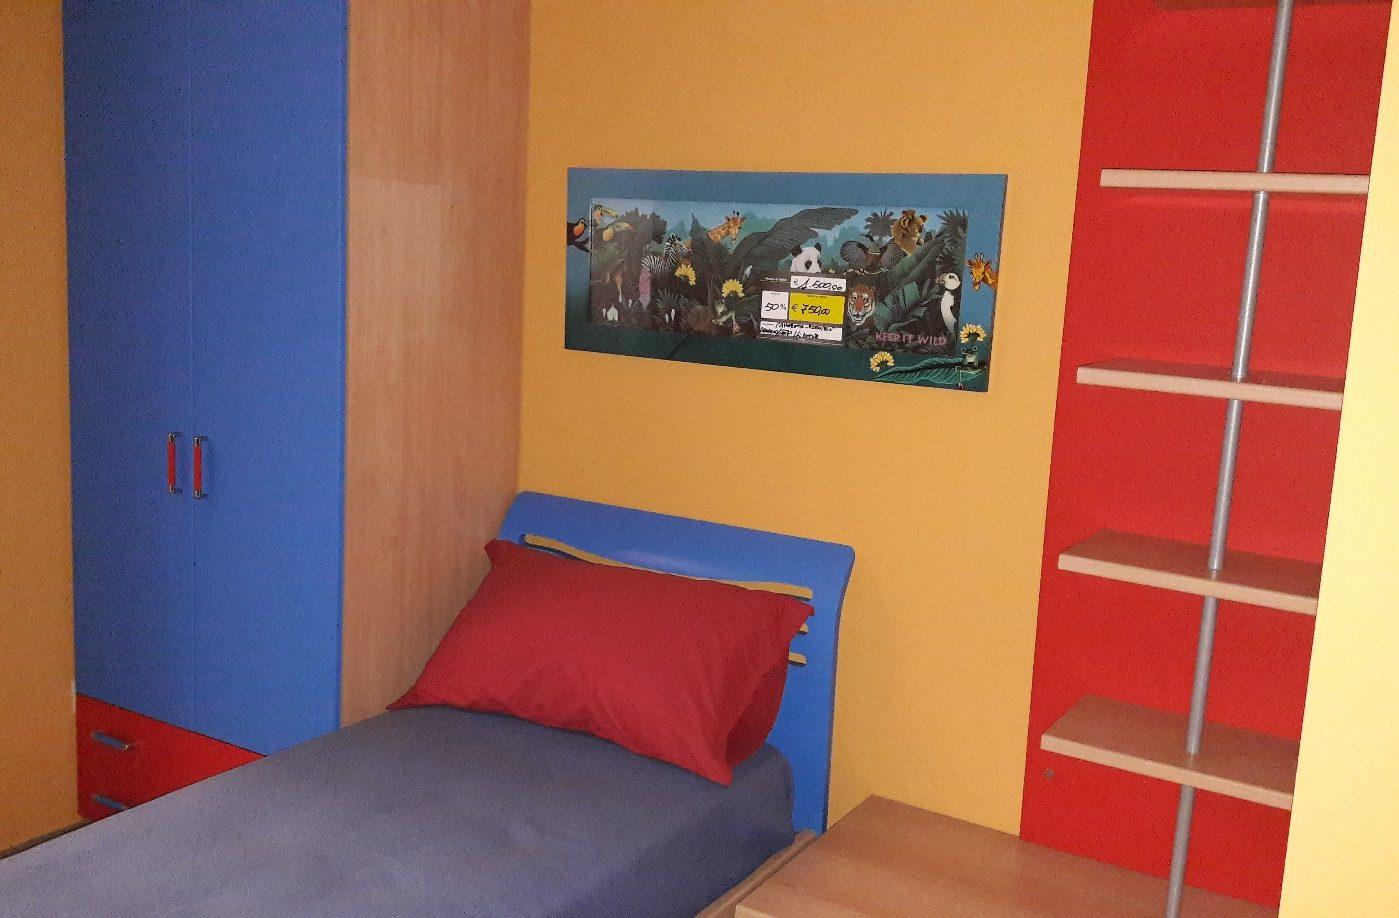 Piccola cameretta young letto e armadio 2 ante visma for Visma arredo letti